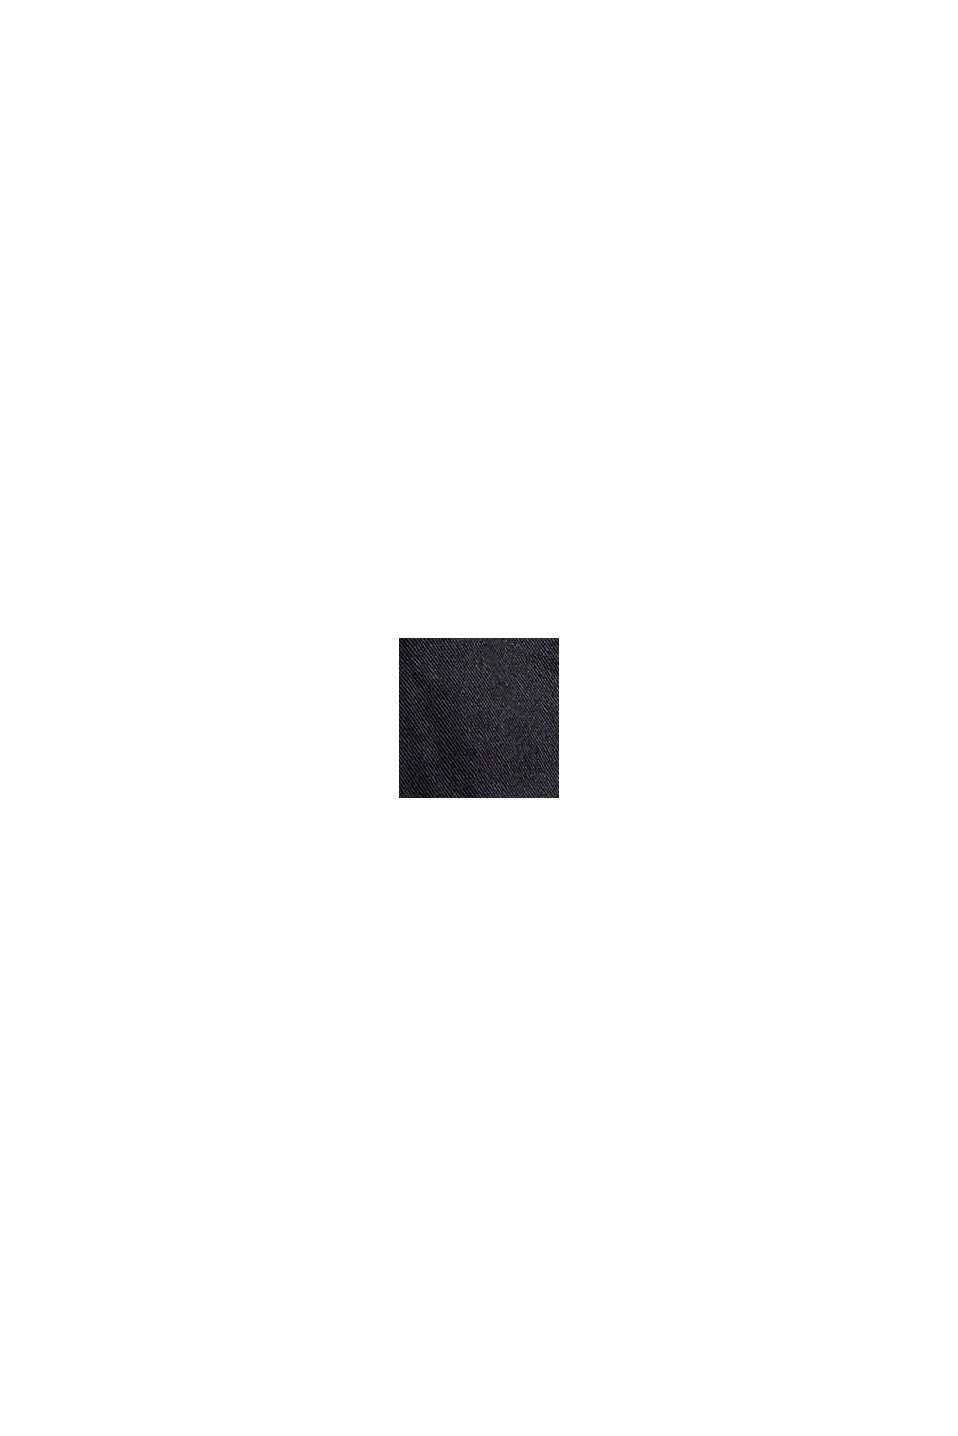 Overshirt imbottita in cotone, DARK GREY, swatch